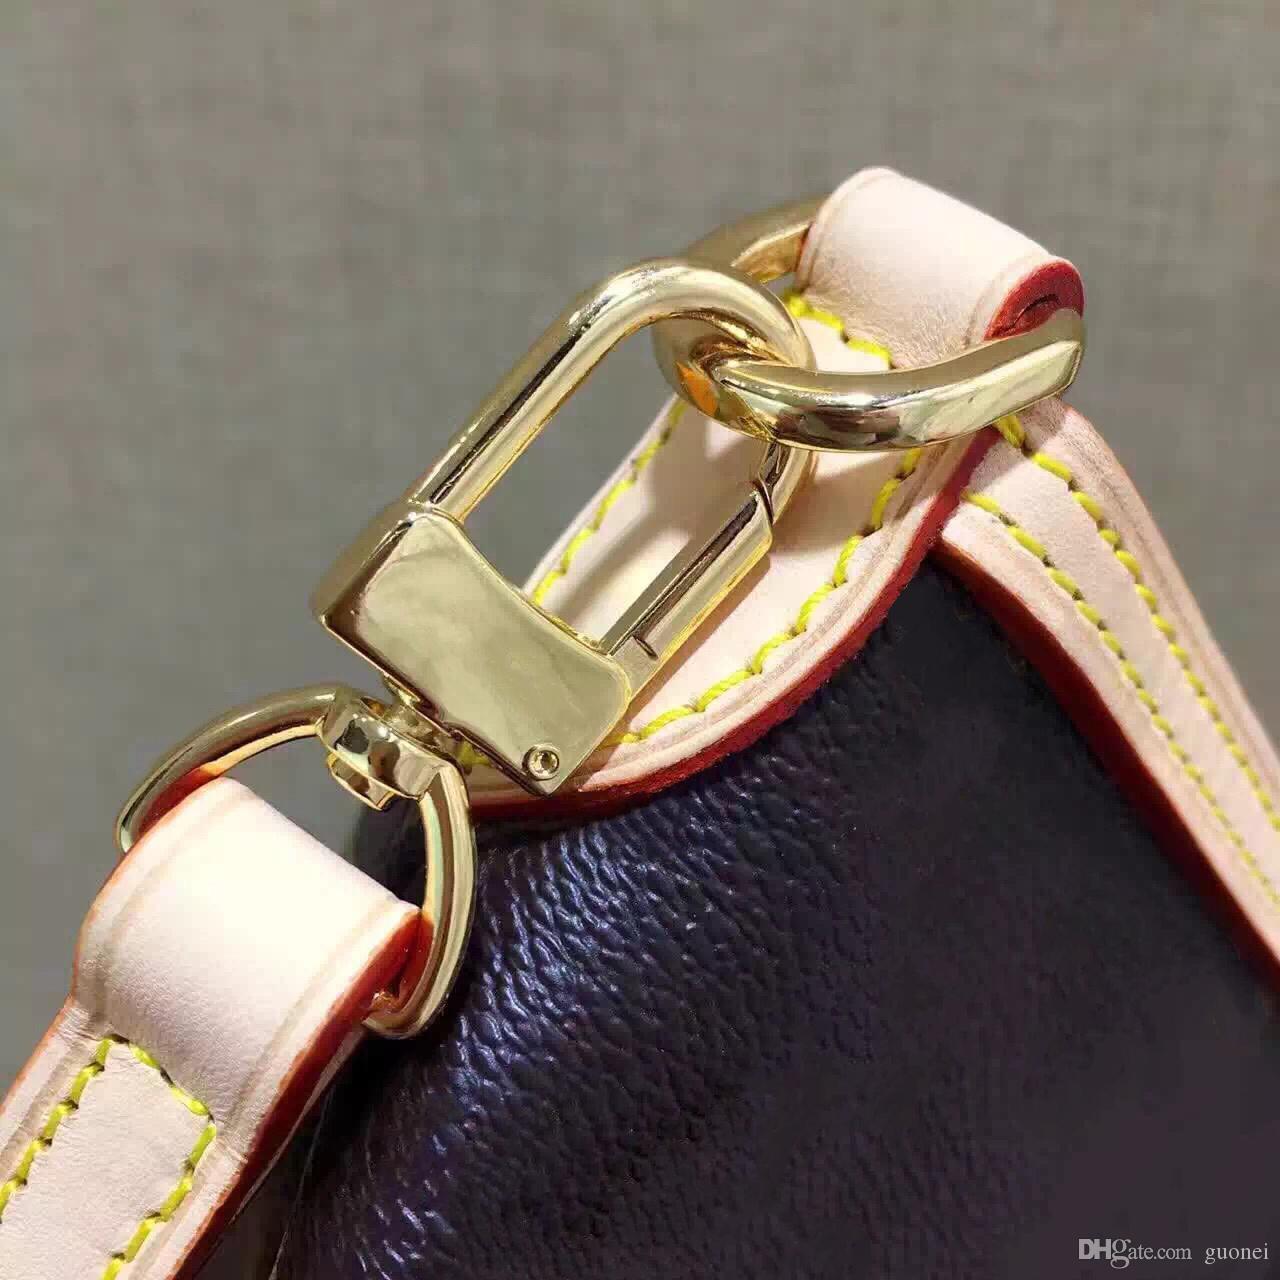 Desigenr-Recursos bolsos flores viejas bolsos la parte superior de cuero real oxidado bolsas icónicos hombro totes cruz cuerpo mensajero dueño de Ba